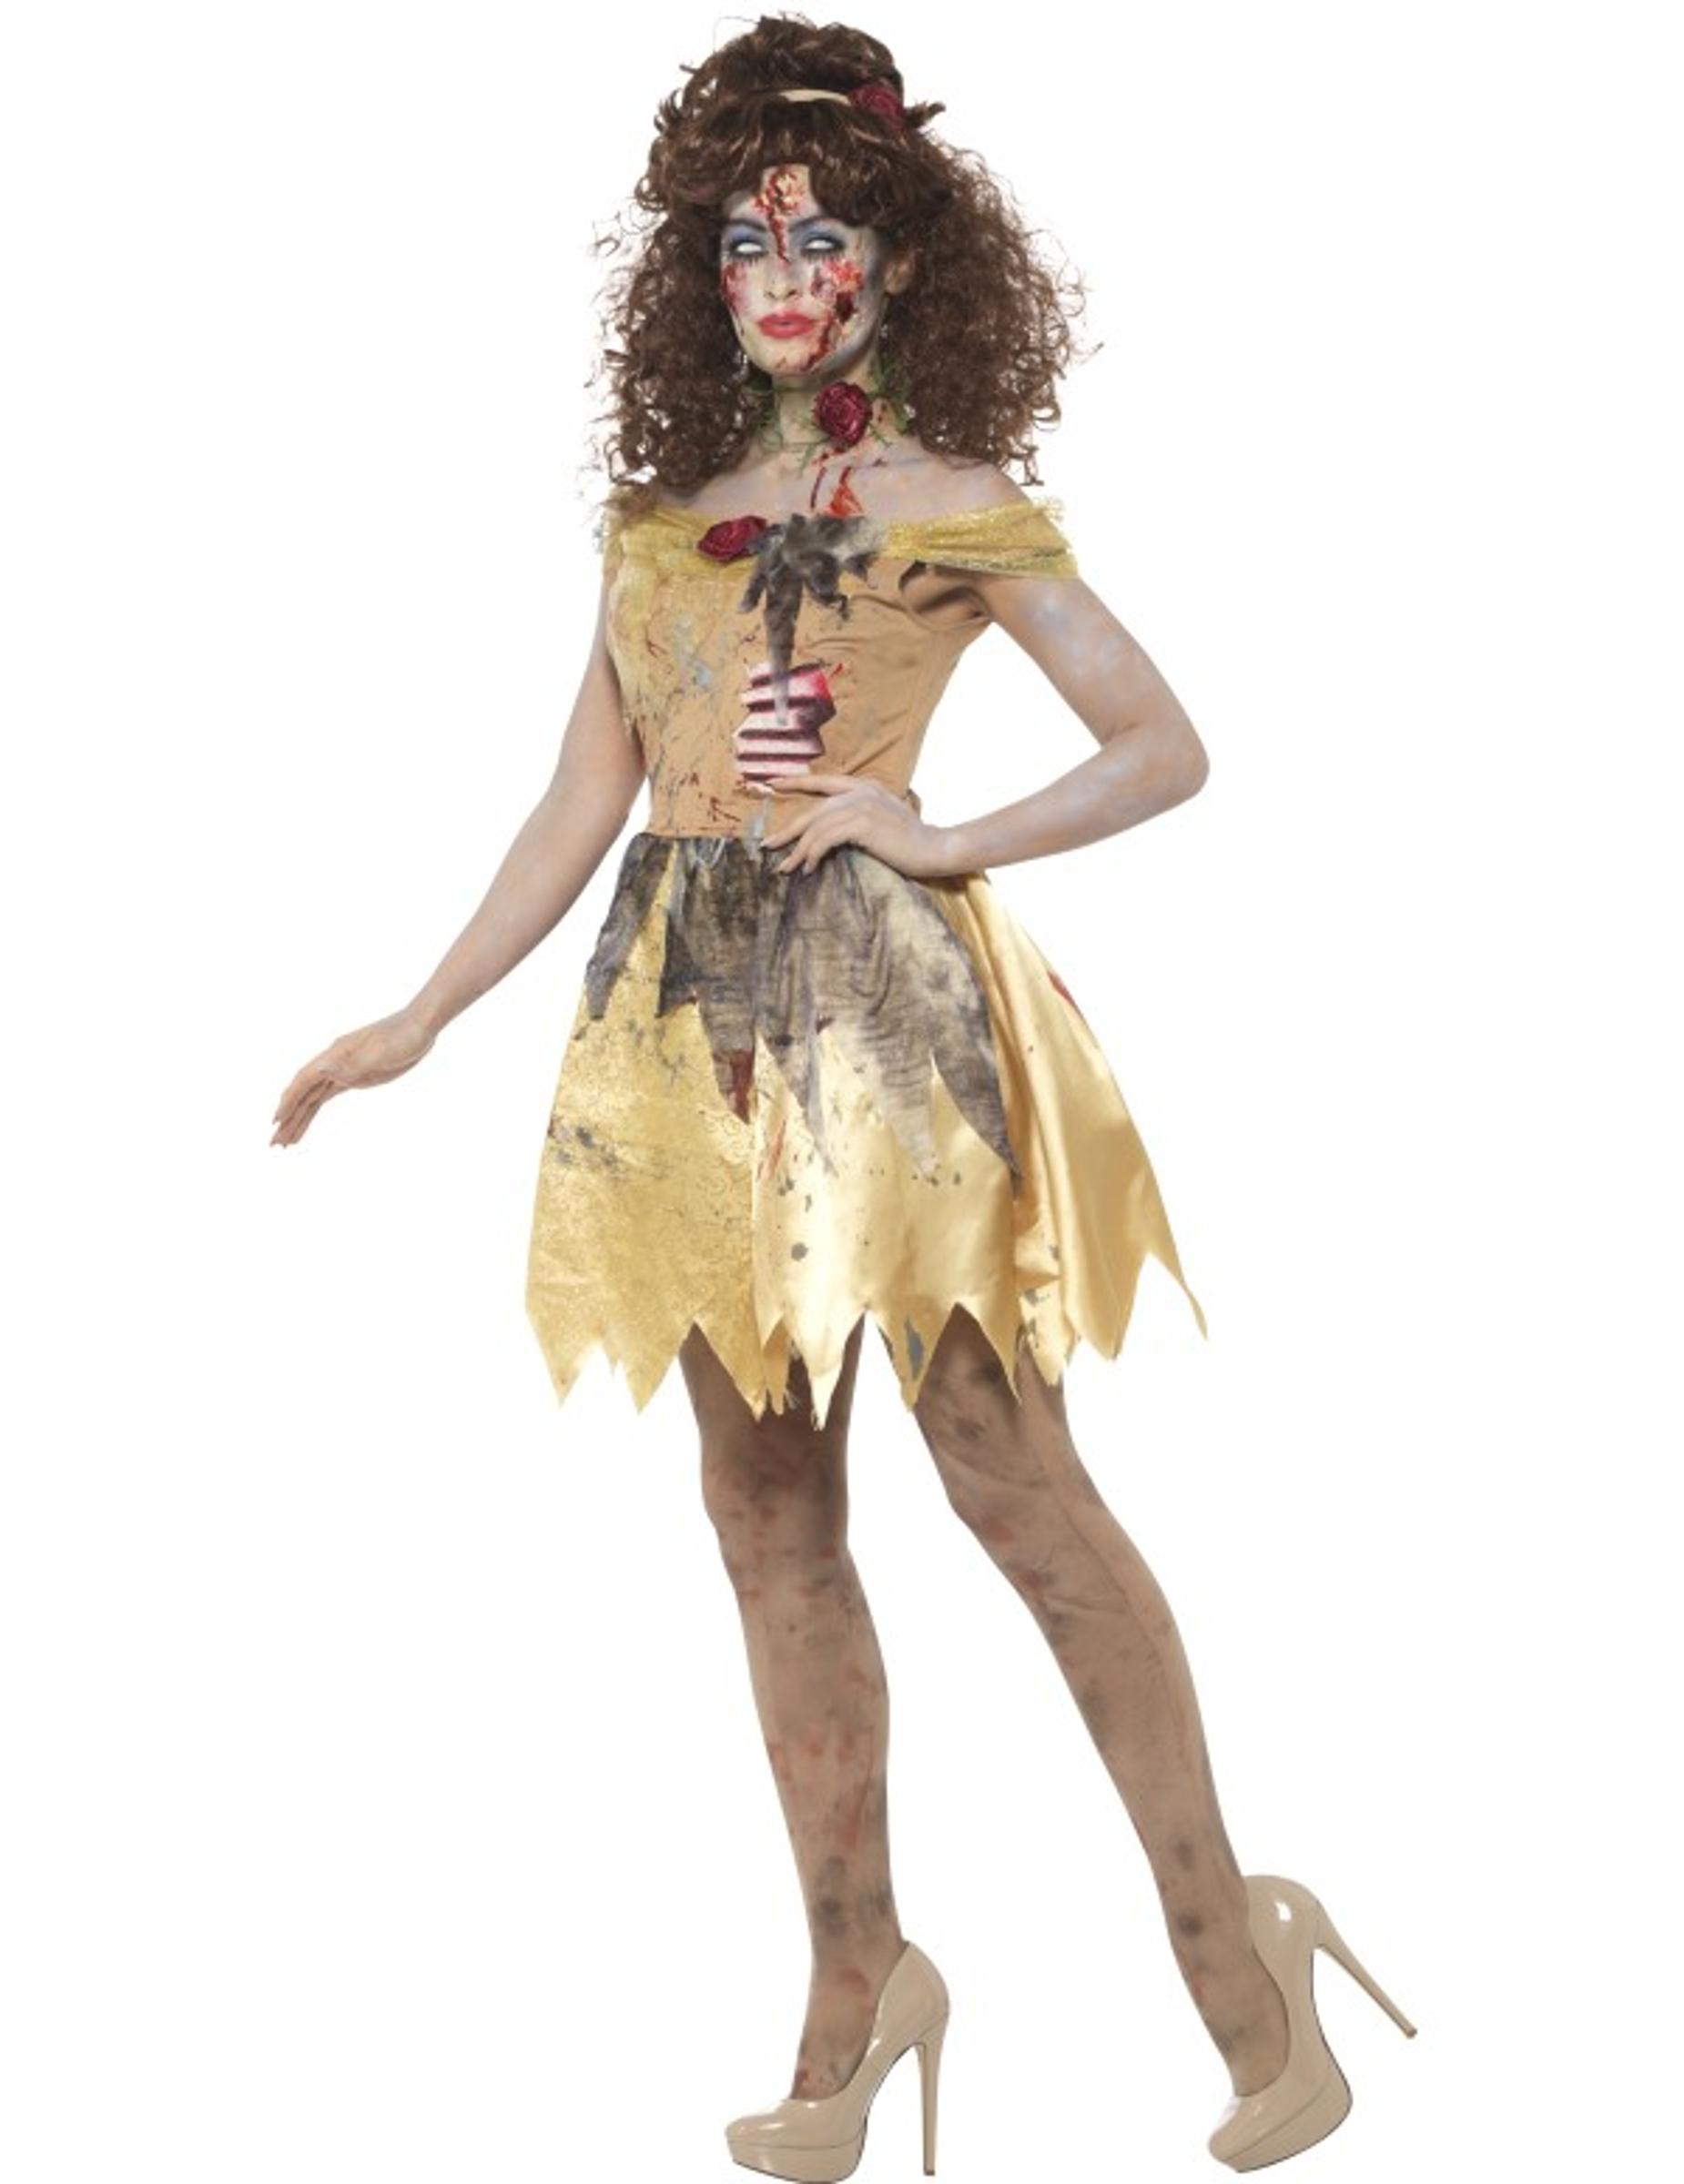 d guisement conte de f es dor zombie femme halloween deguise toi achat de d guisements adultes. Black Bedroom Furniture Sets. Home Design Ideas